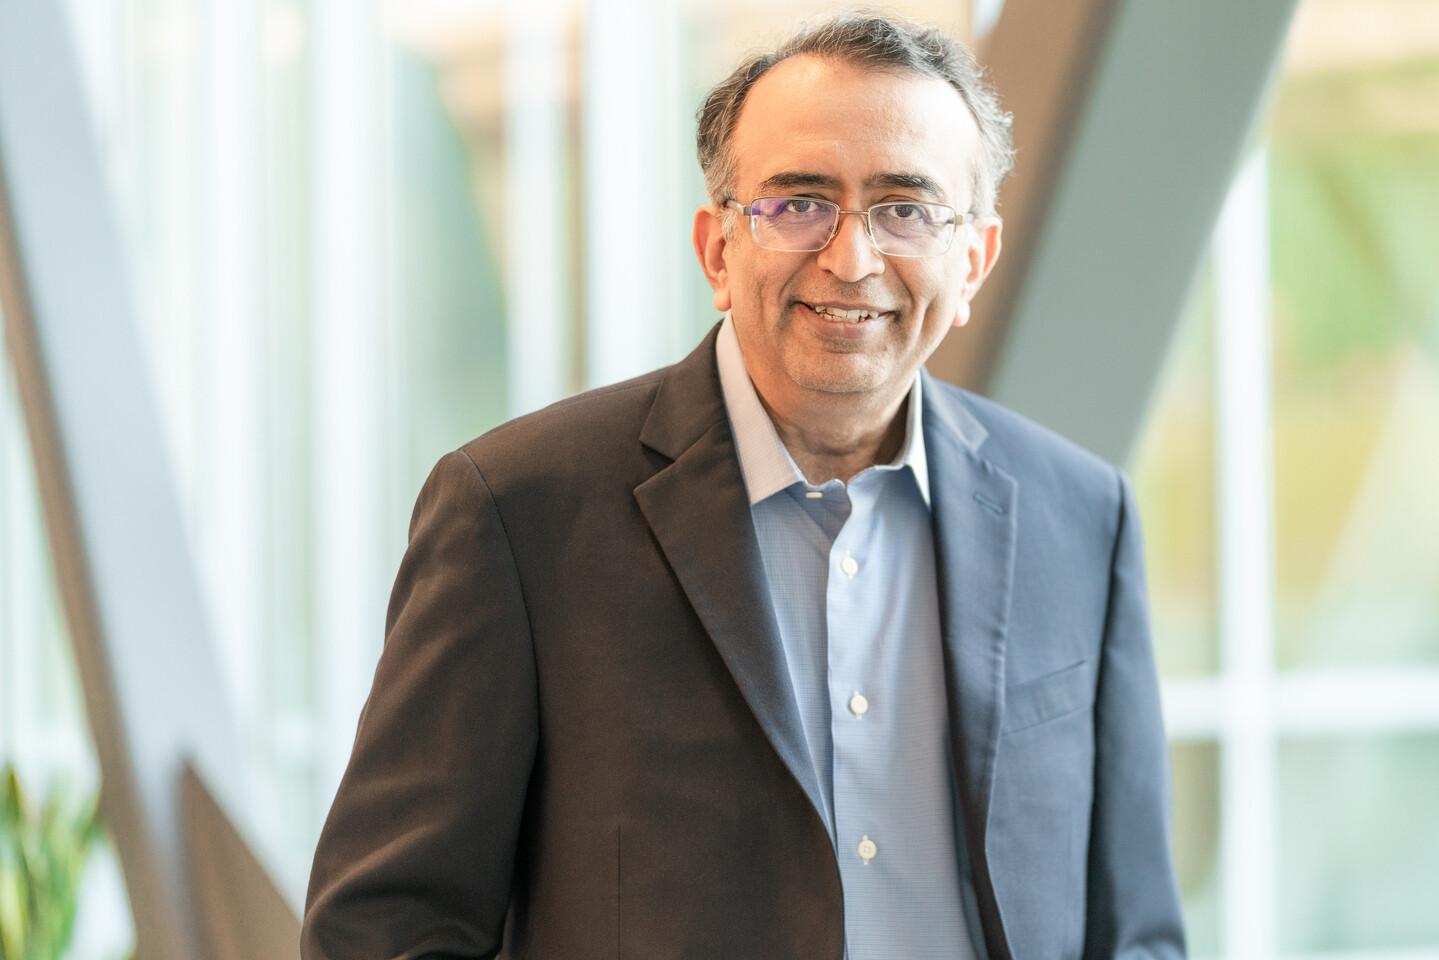 La junta de VMware nombra a Raghu Raghuram como director ejecutivo